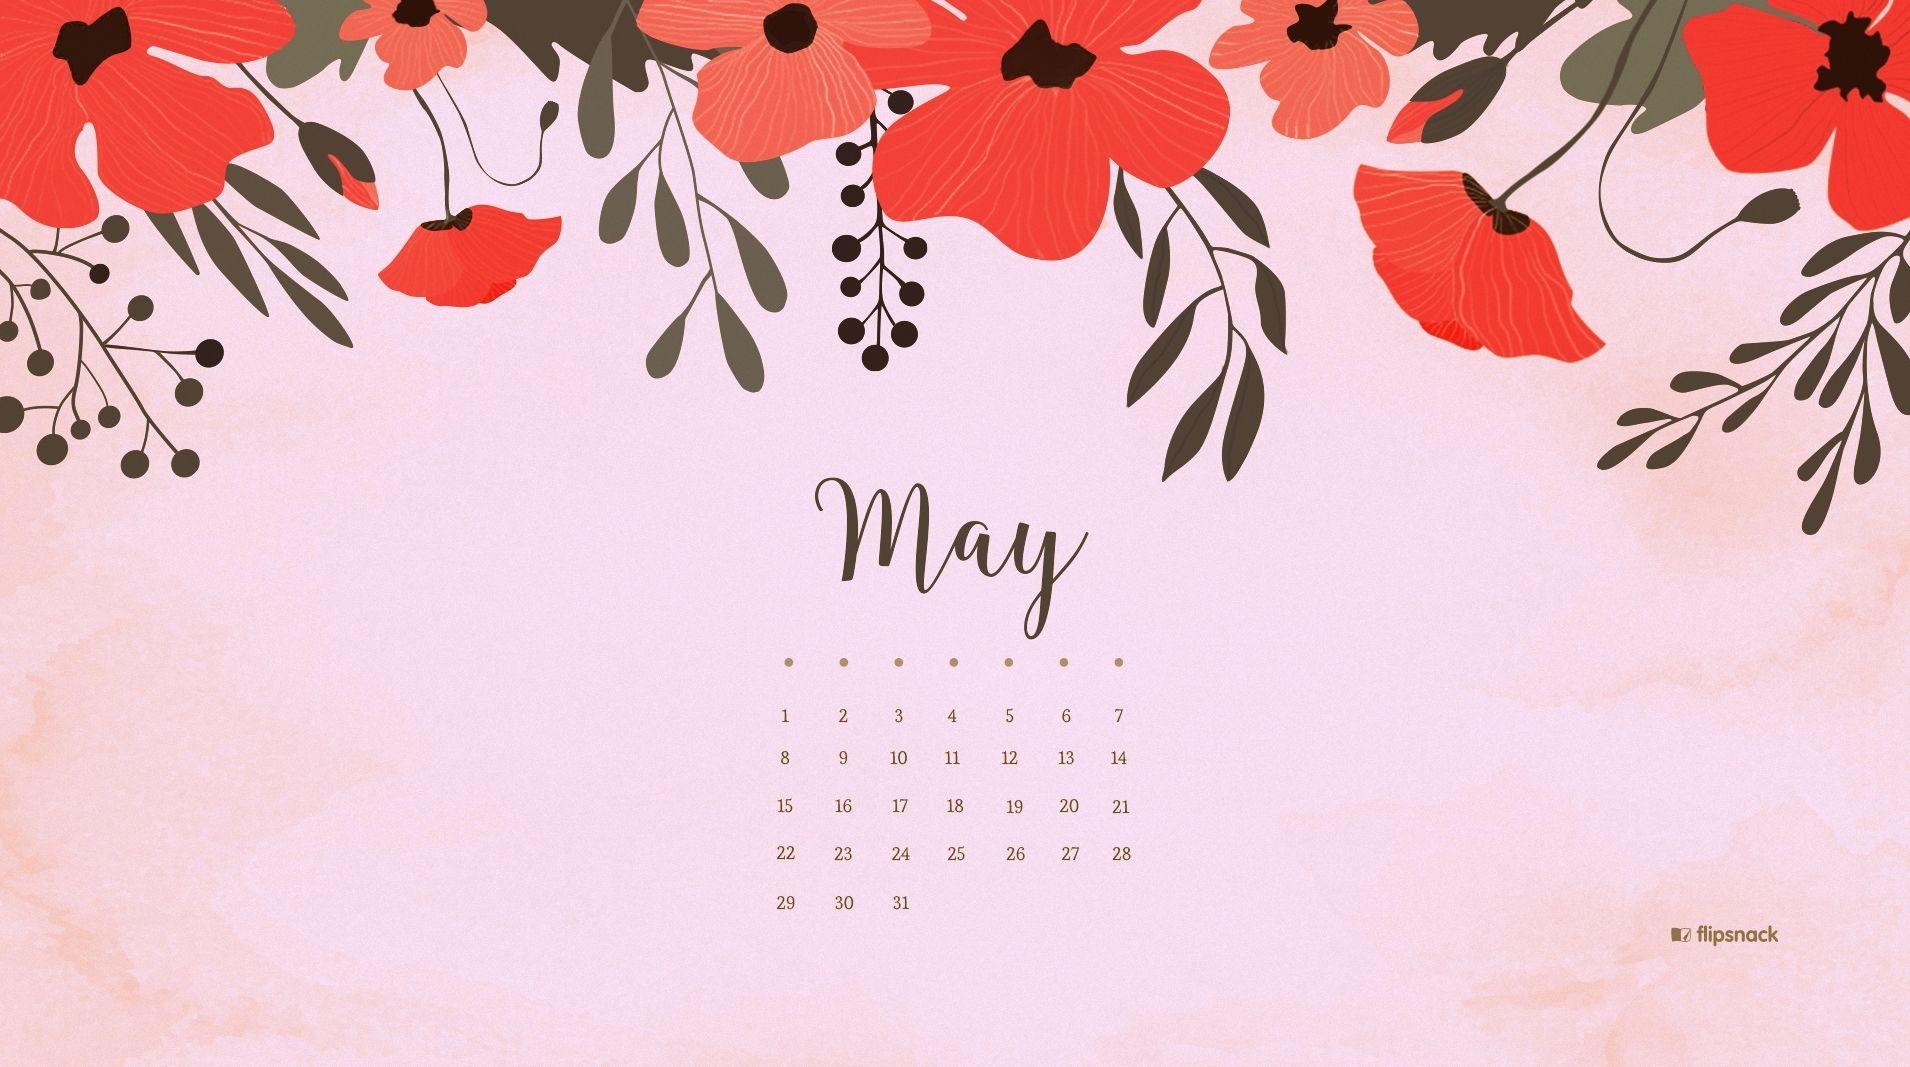 May 2018 Calendar Desktop Wallpaper 2018 Calendars Desktop 1910x1067